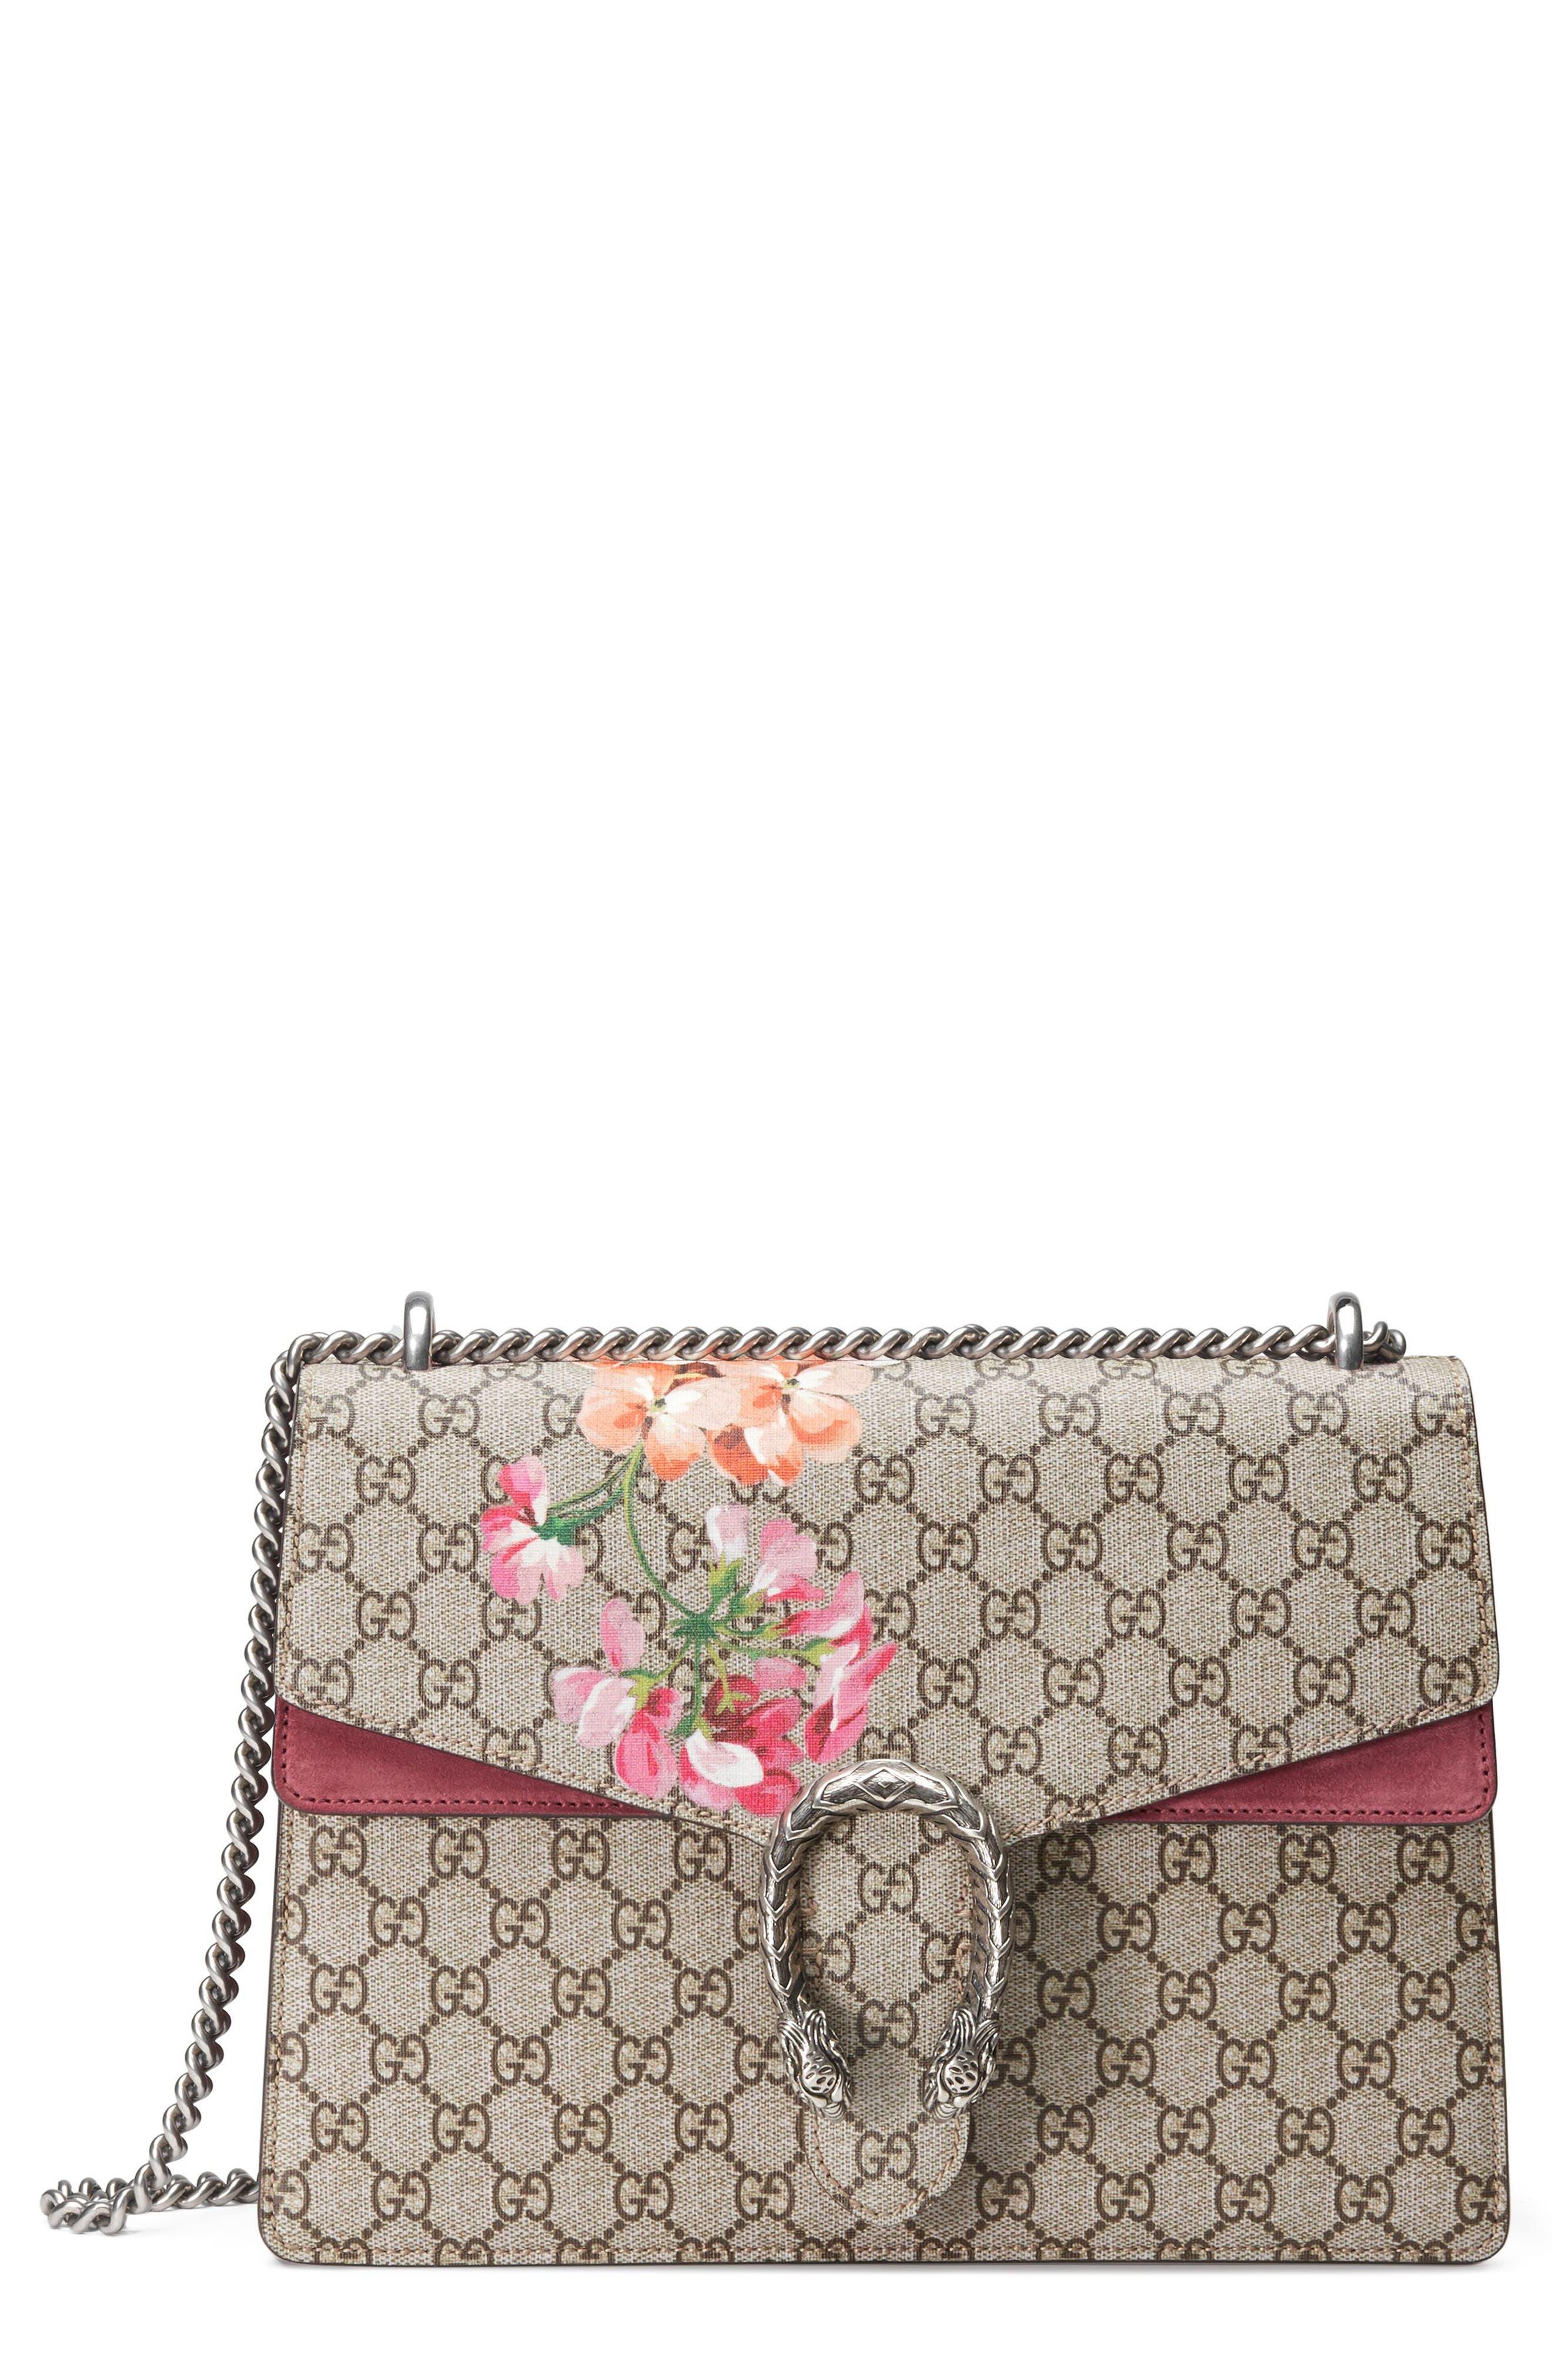 Alternate Image 1 Selected - Gucci Large Floral GG Supreme Canvas & Suede Shoulder Bag